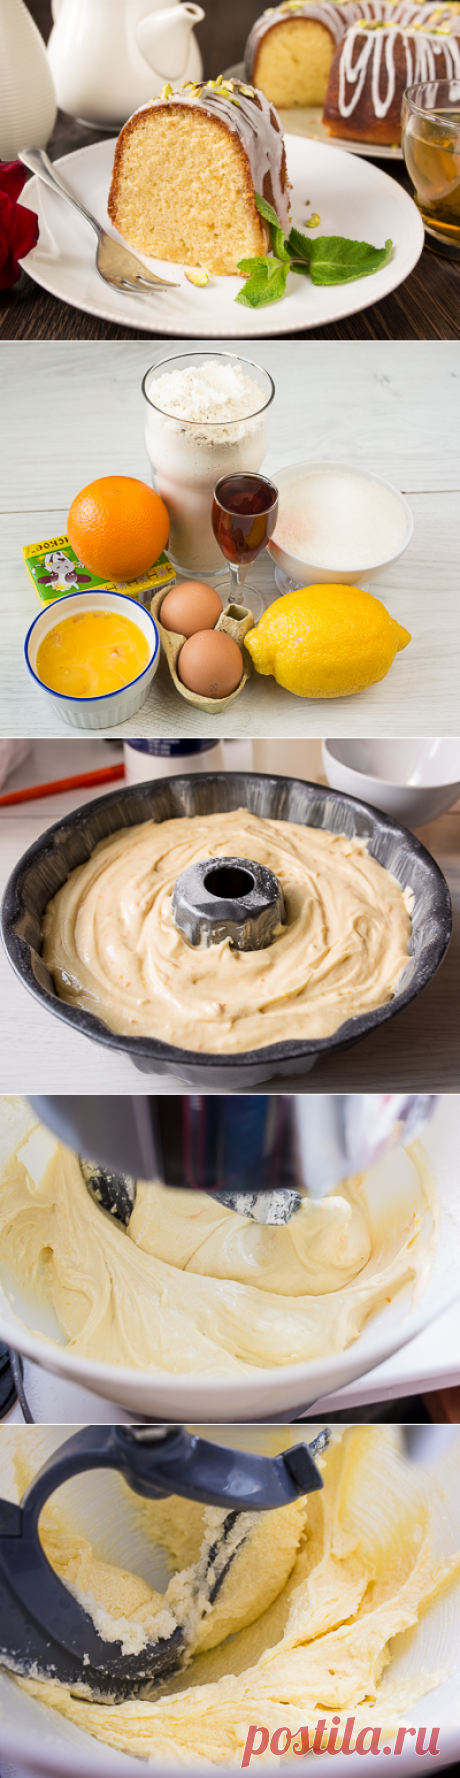 Ромовый кекс